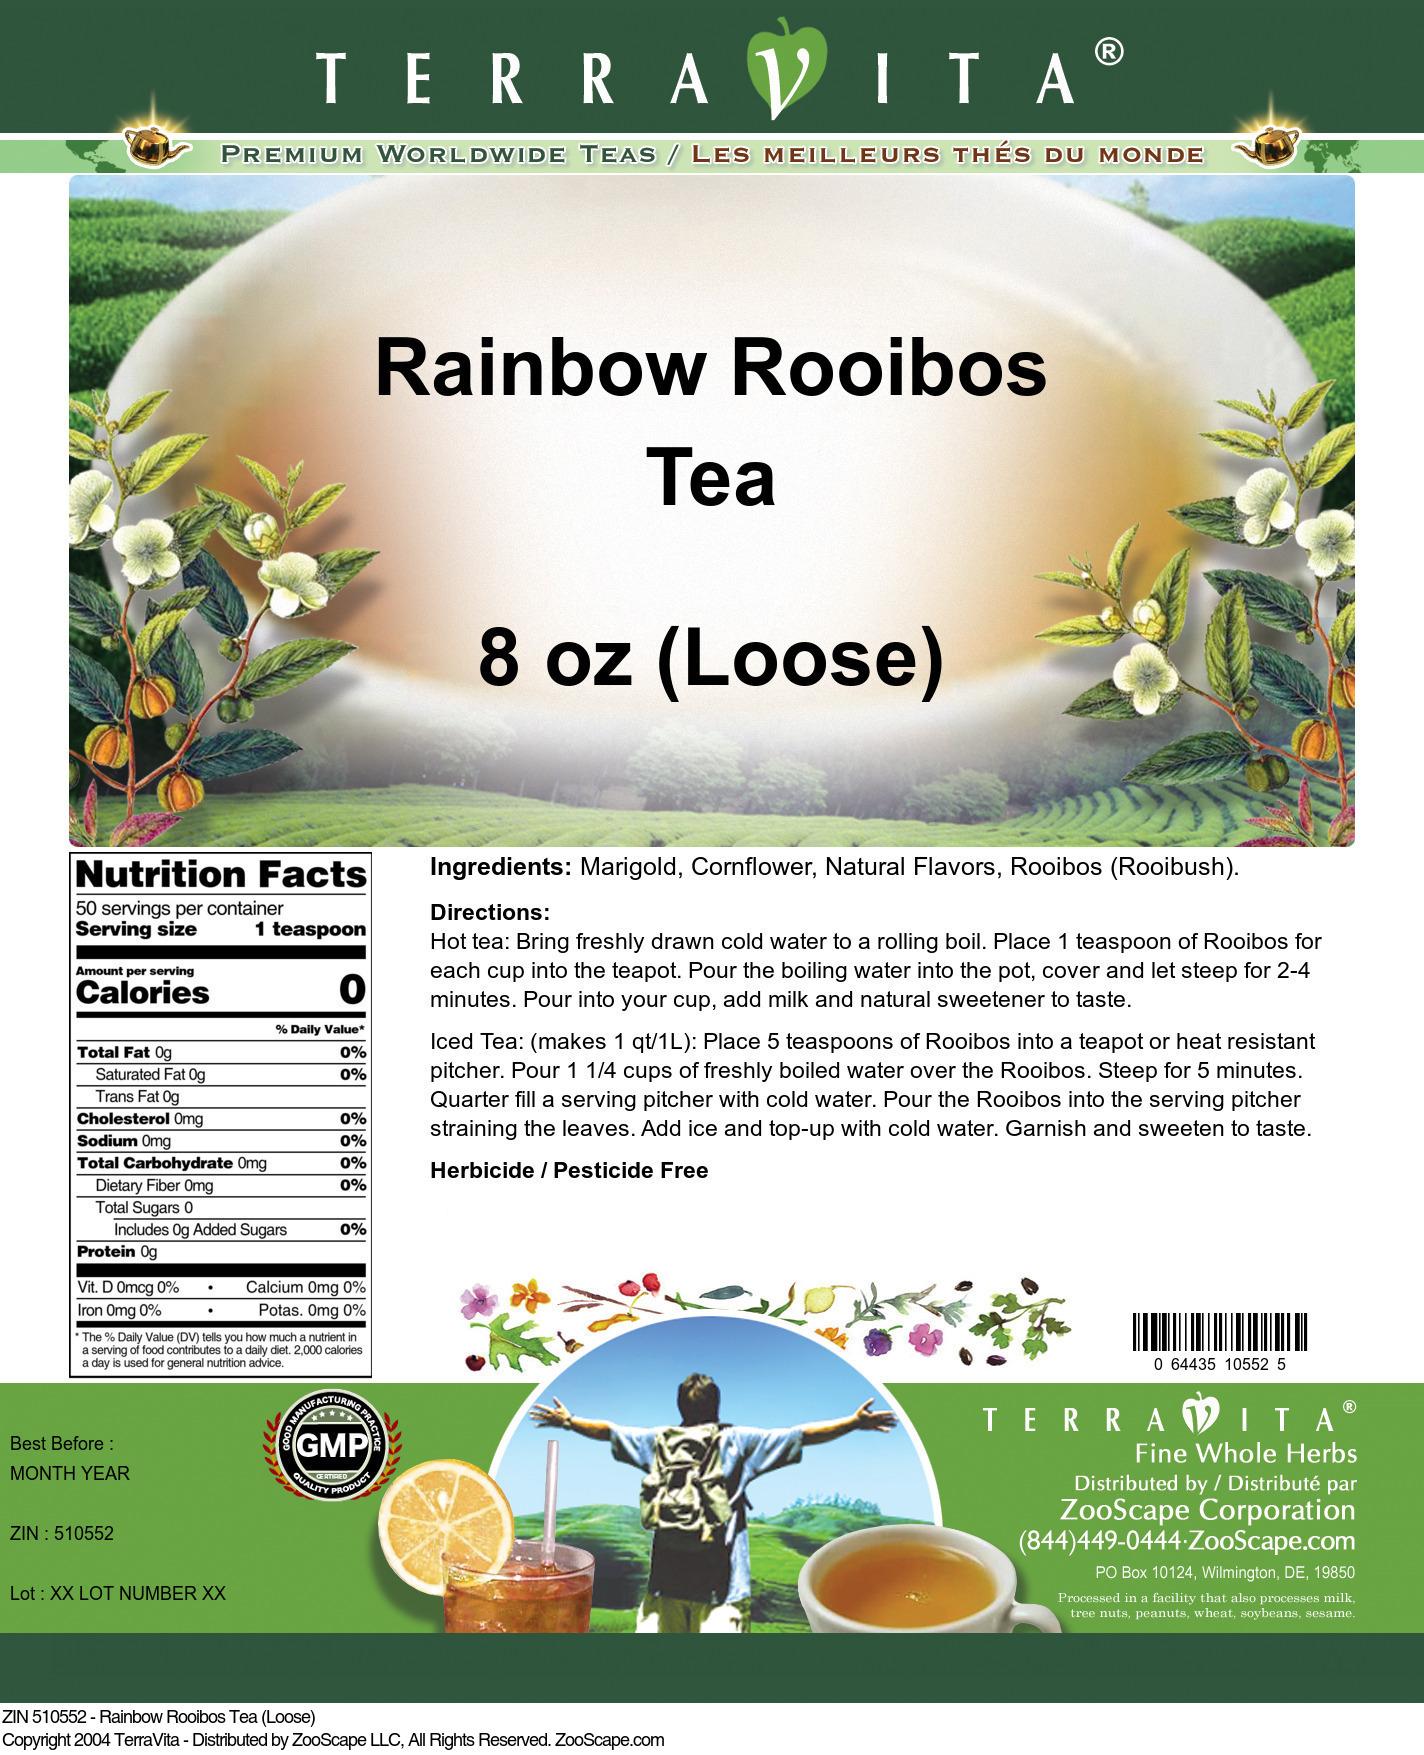 Rainbow Rooibos Tea (Loose)